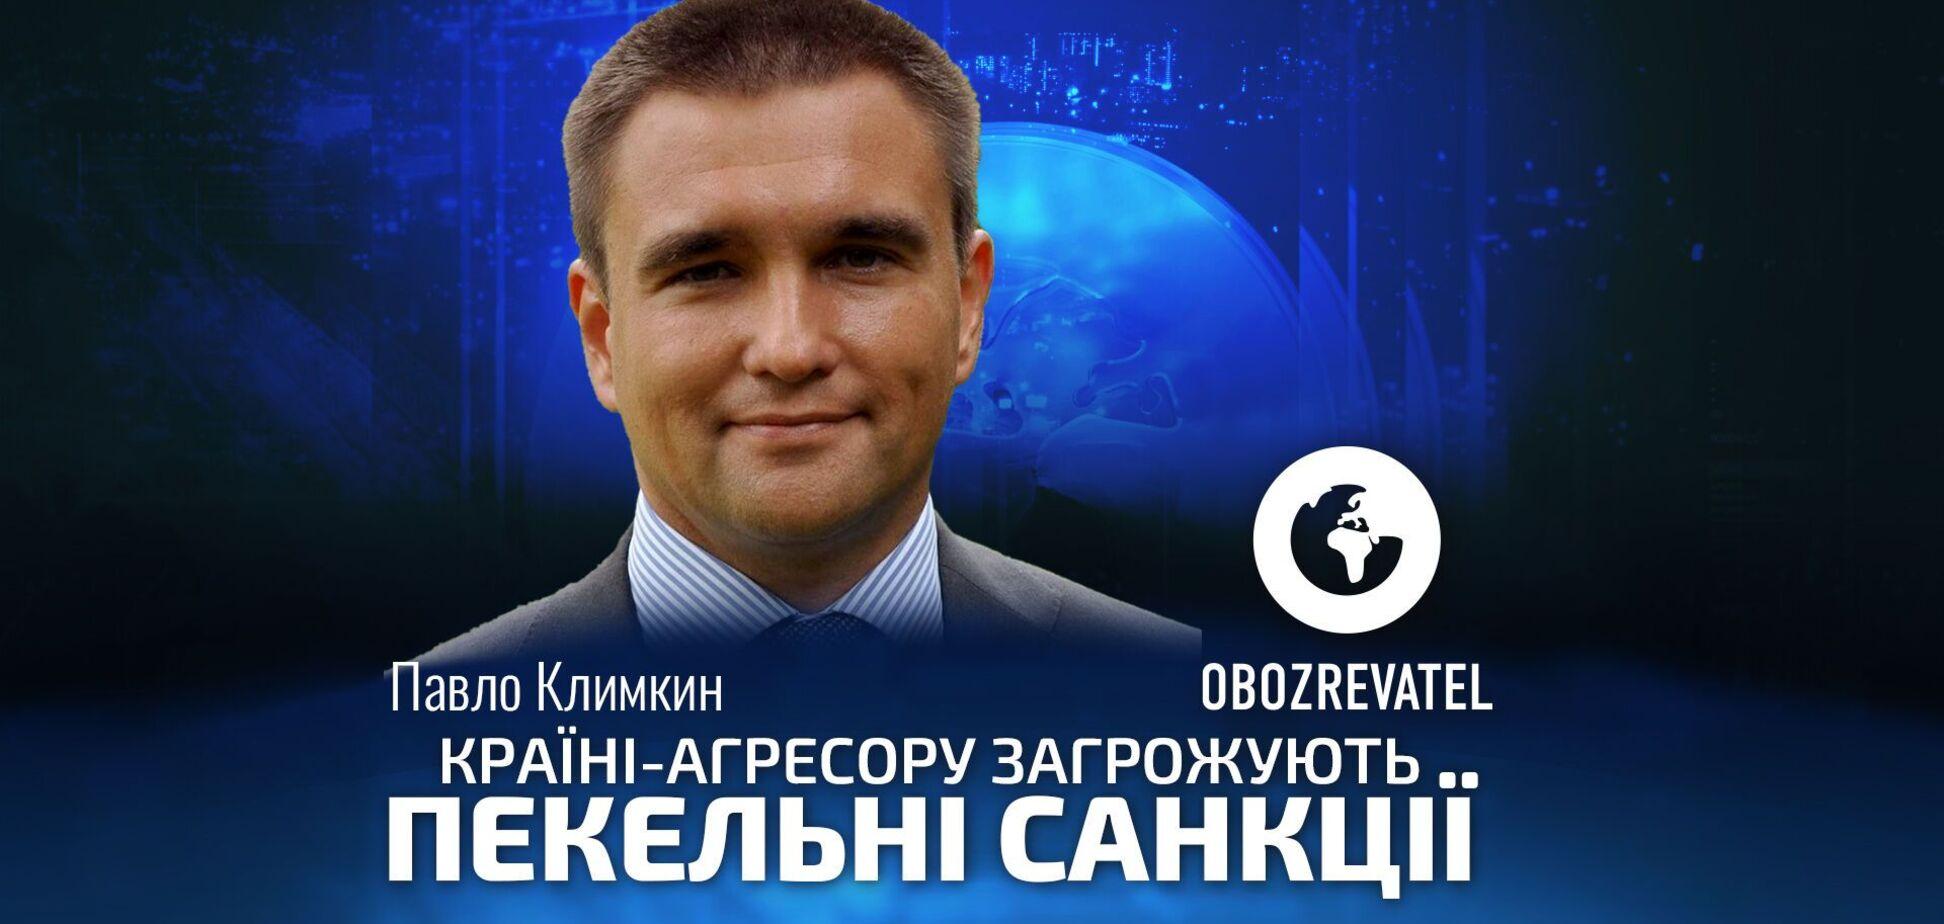 Климкин: Кремль хочет нашей капитуляции